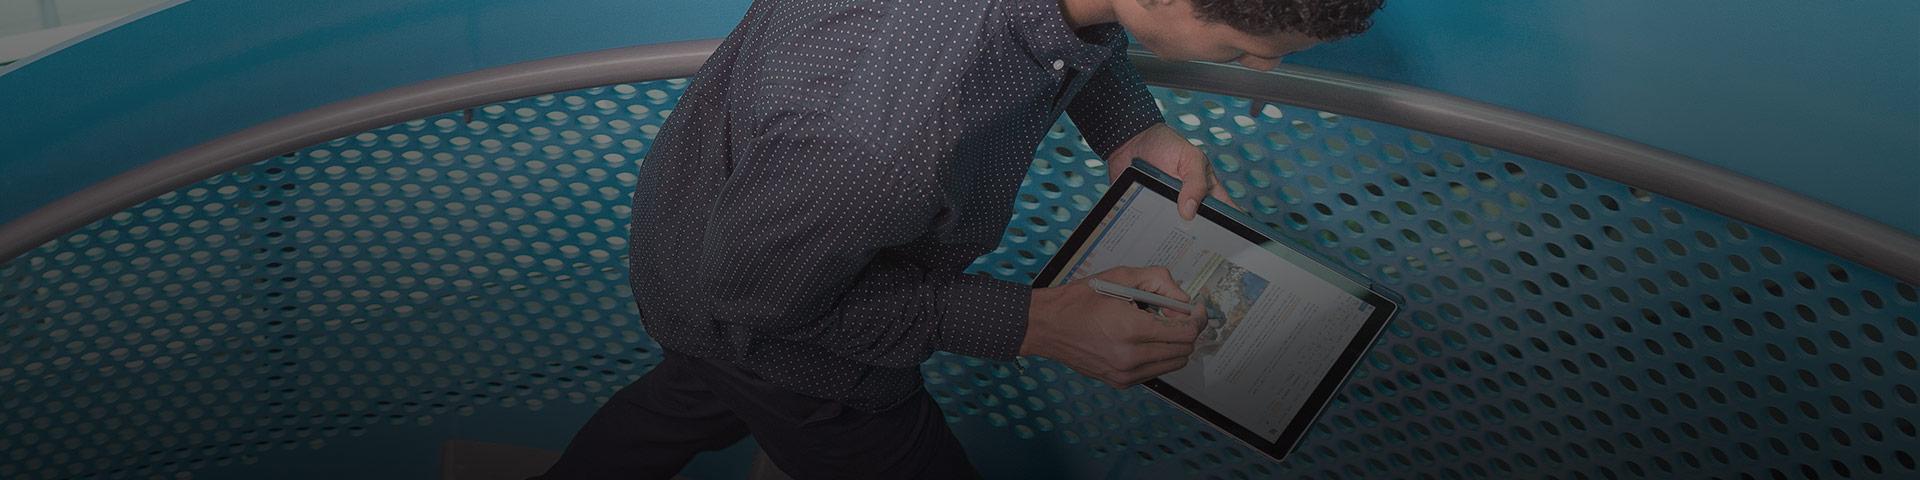 Un homme travaille sur une tablette tout en montant des escaliers